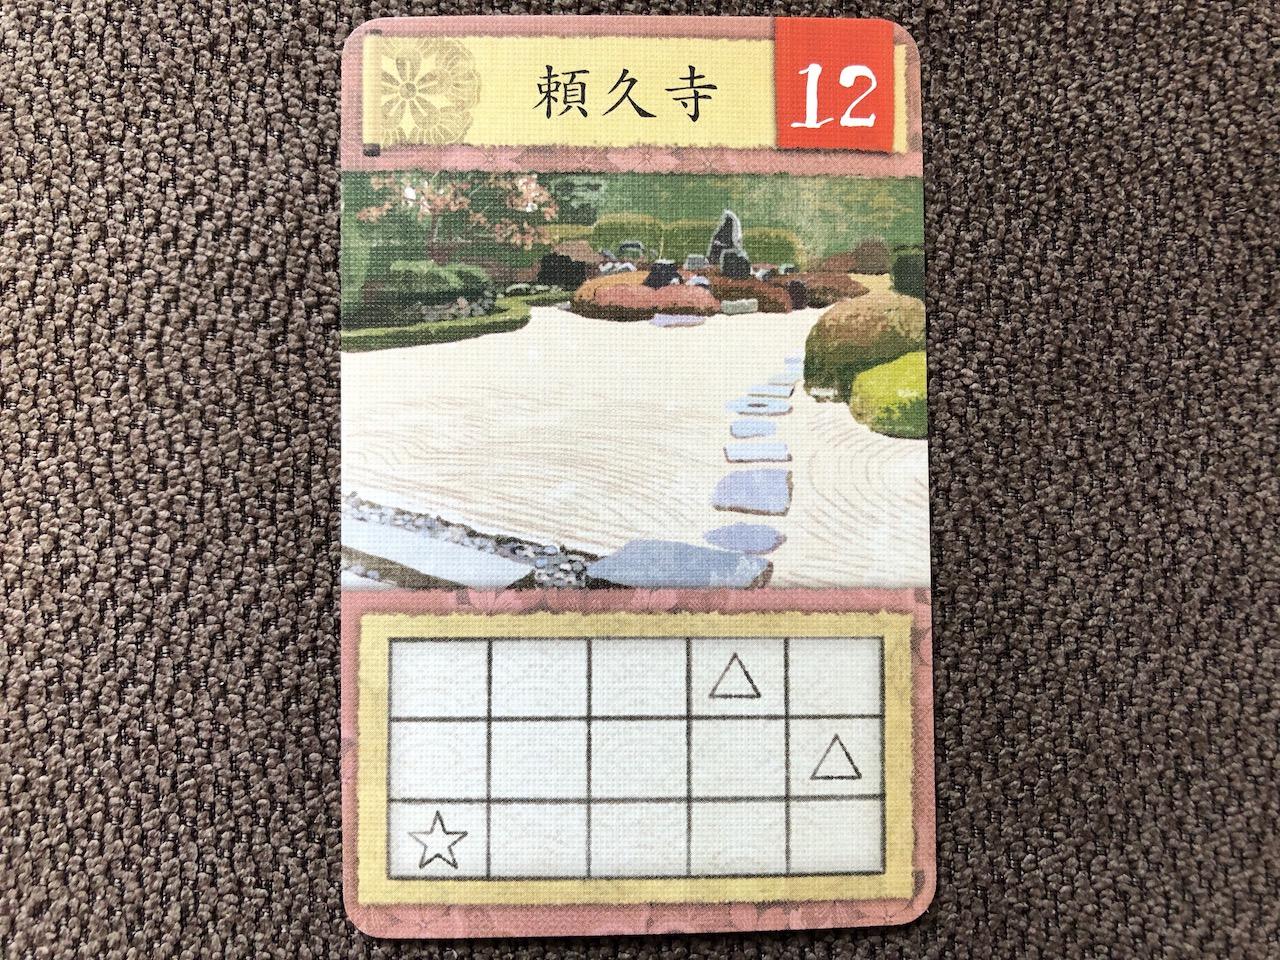 「頼久寺」の名庭園カード(12点)